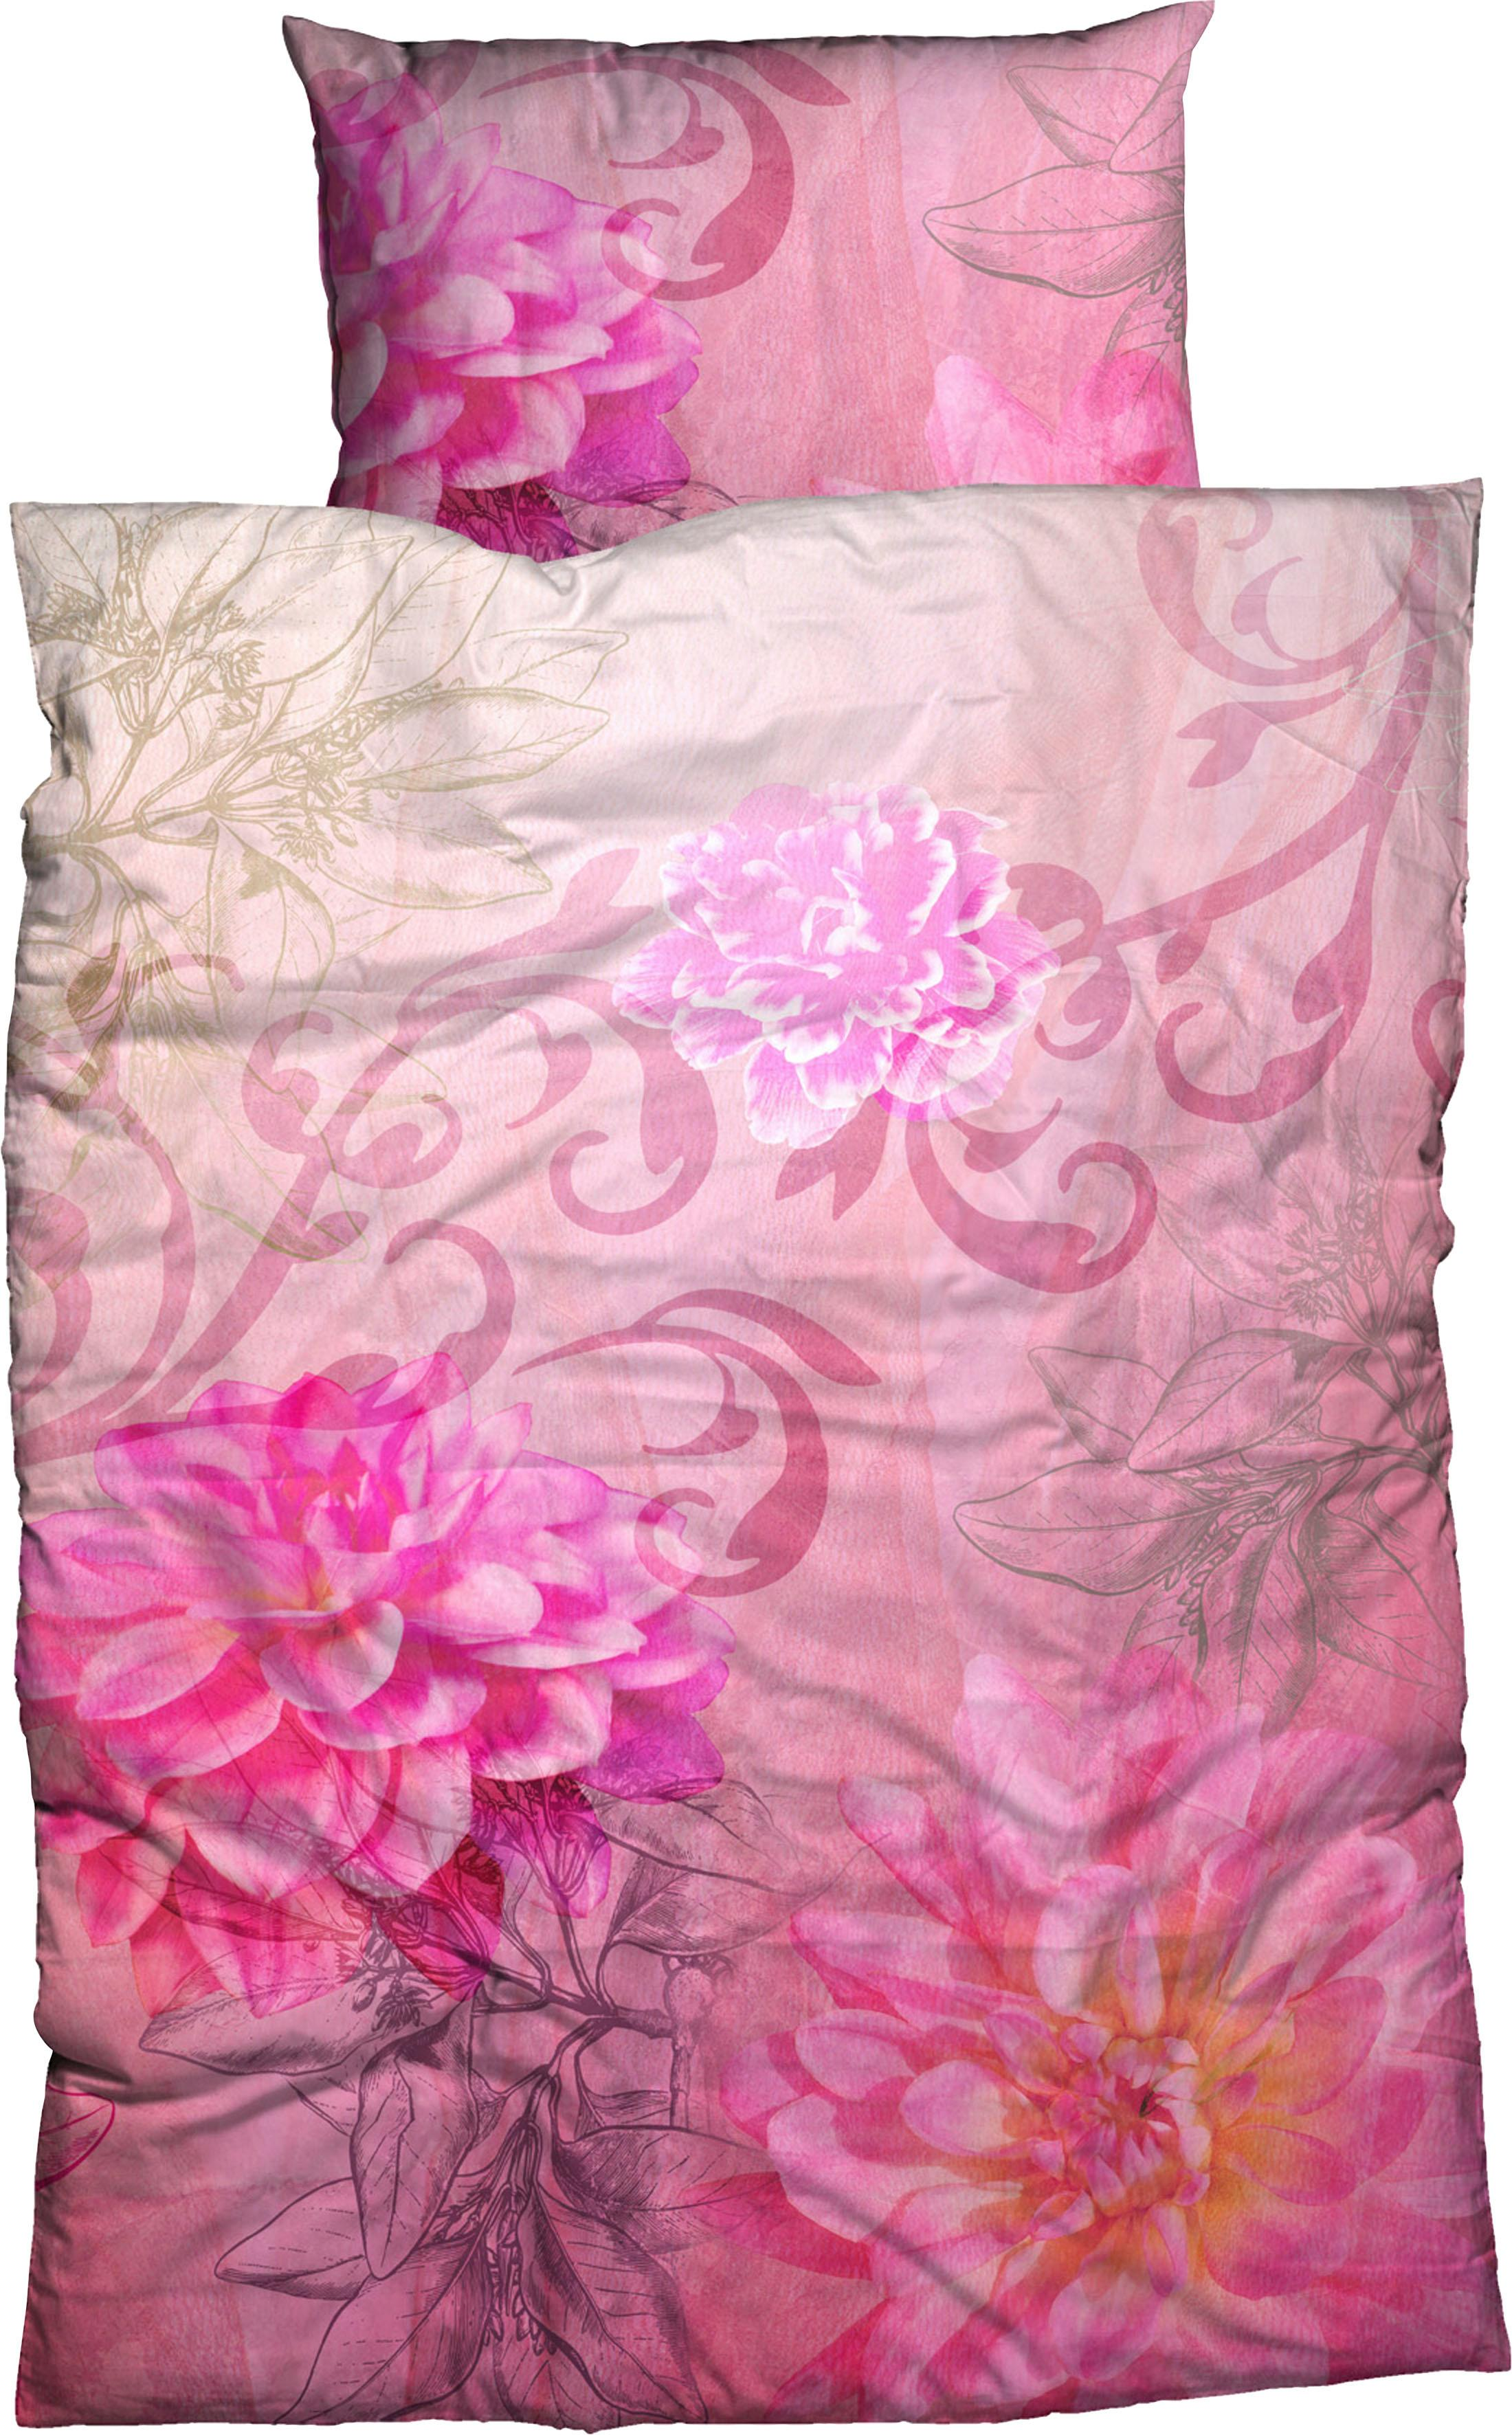 Bettwäsche Violetta Flower CASATEX